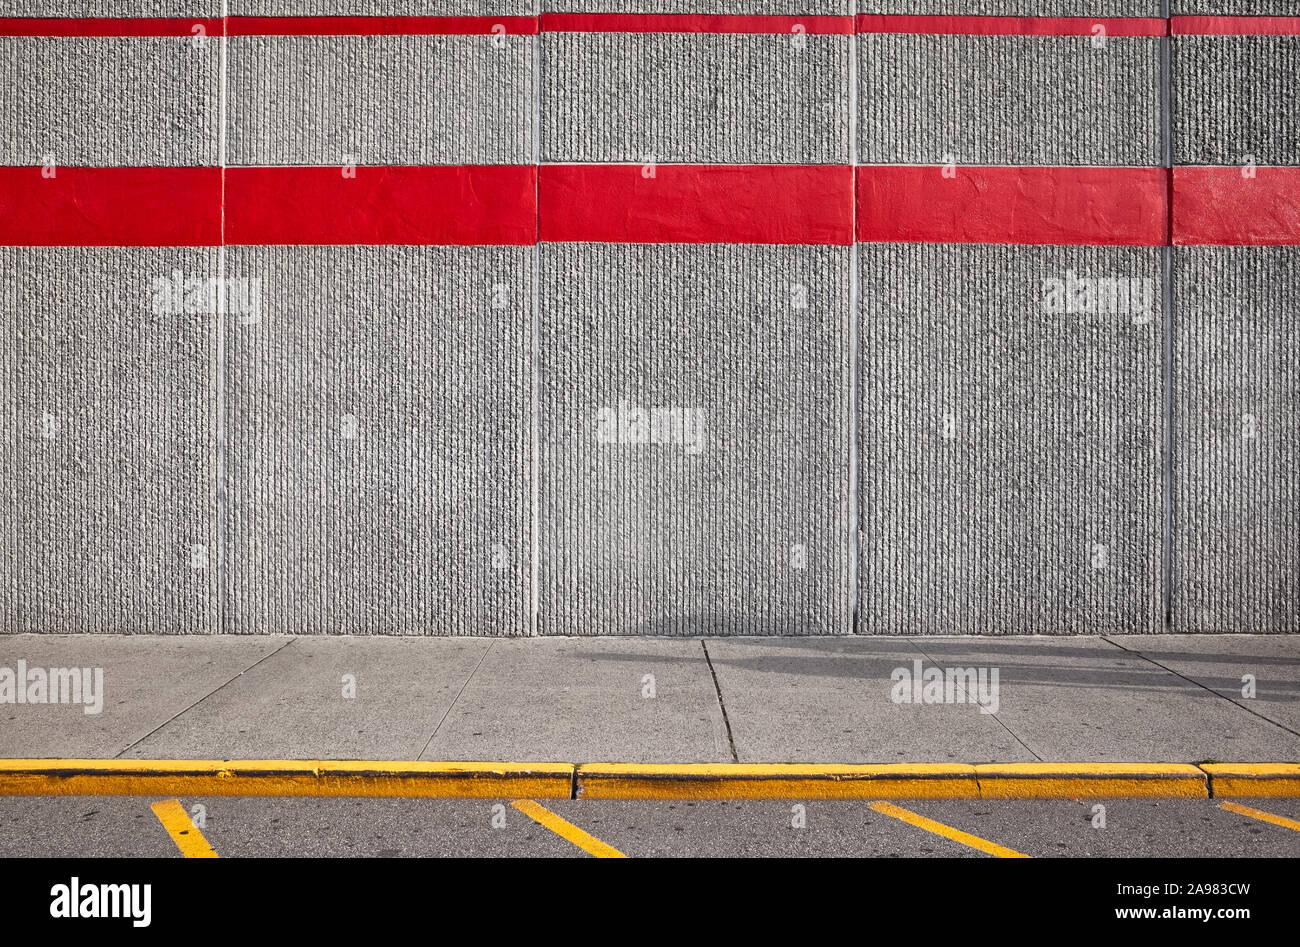 Bürgersteig mit Betonwand, im städtischen Hintergrund. Stockfoto